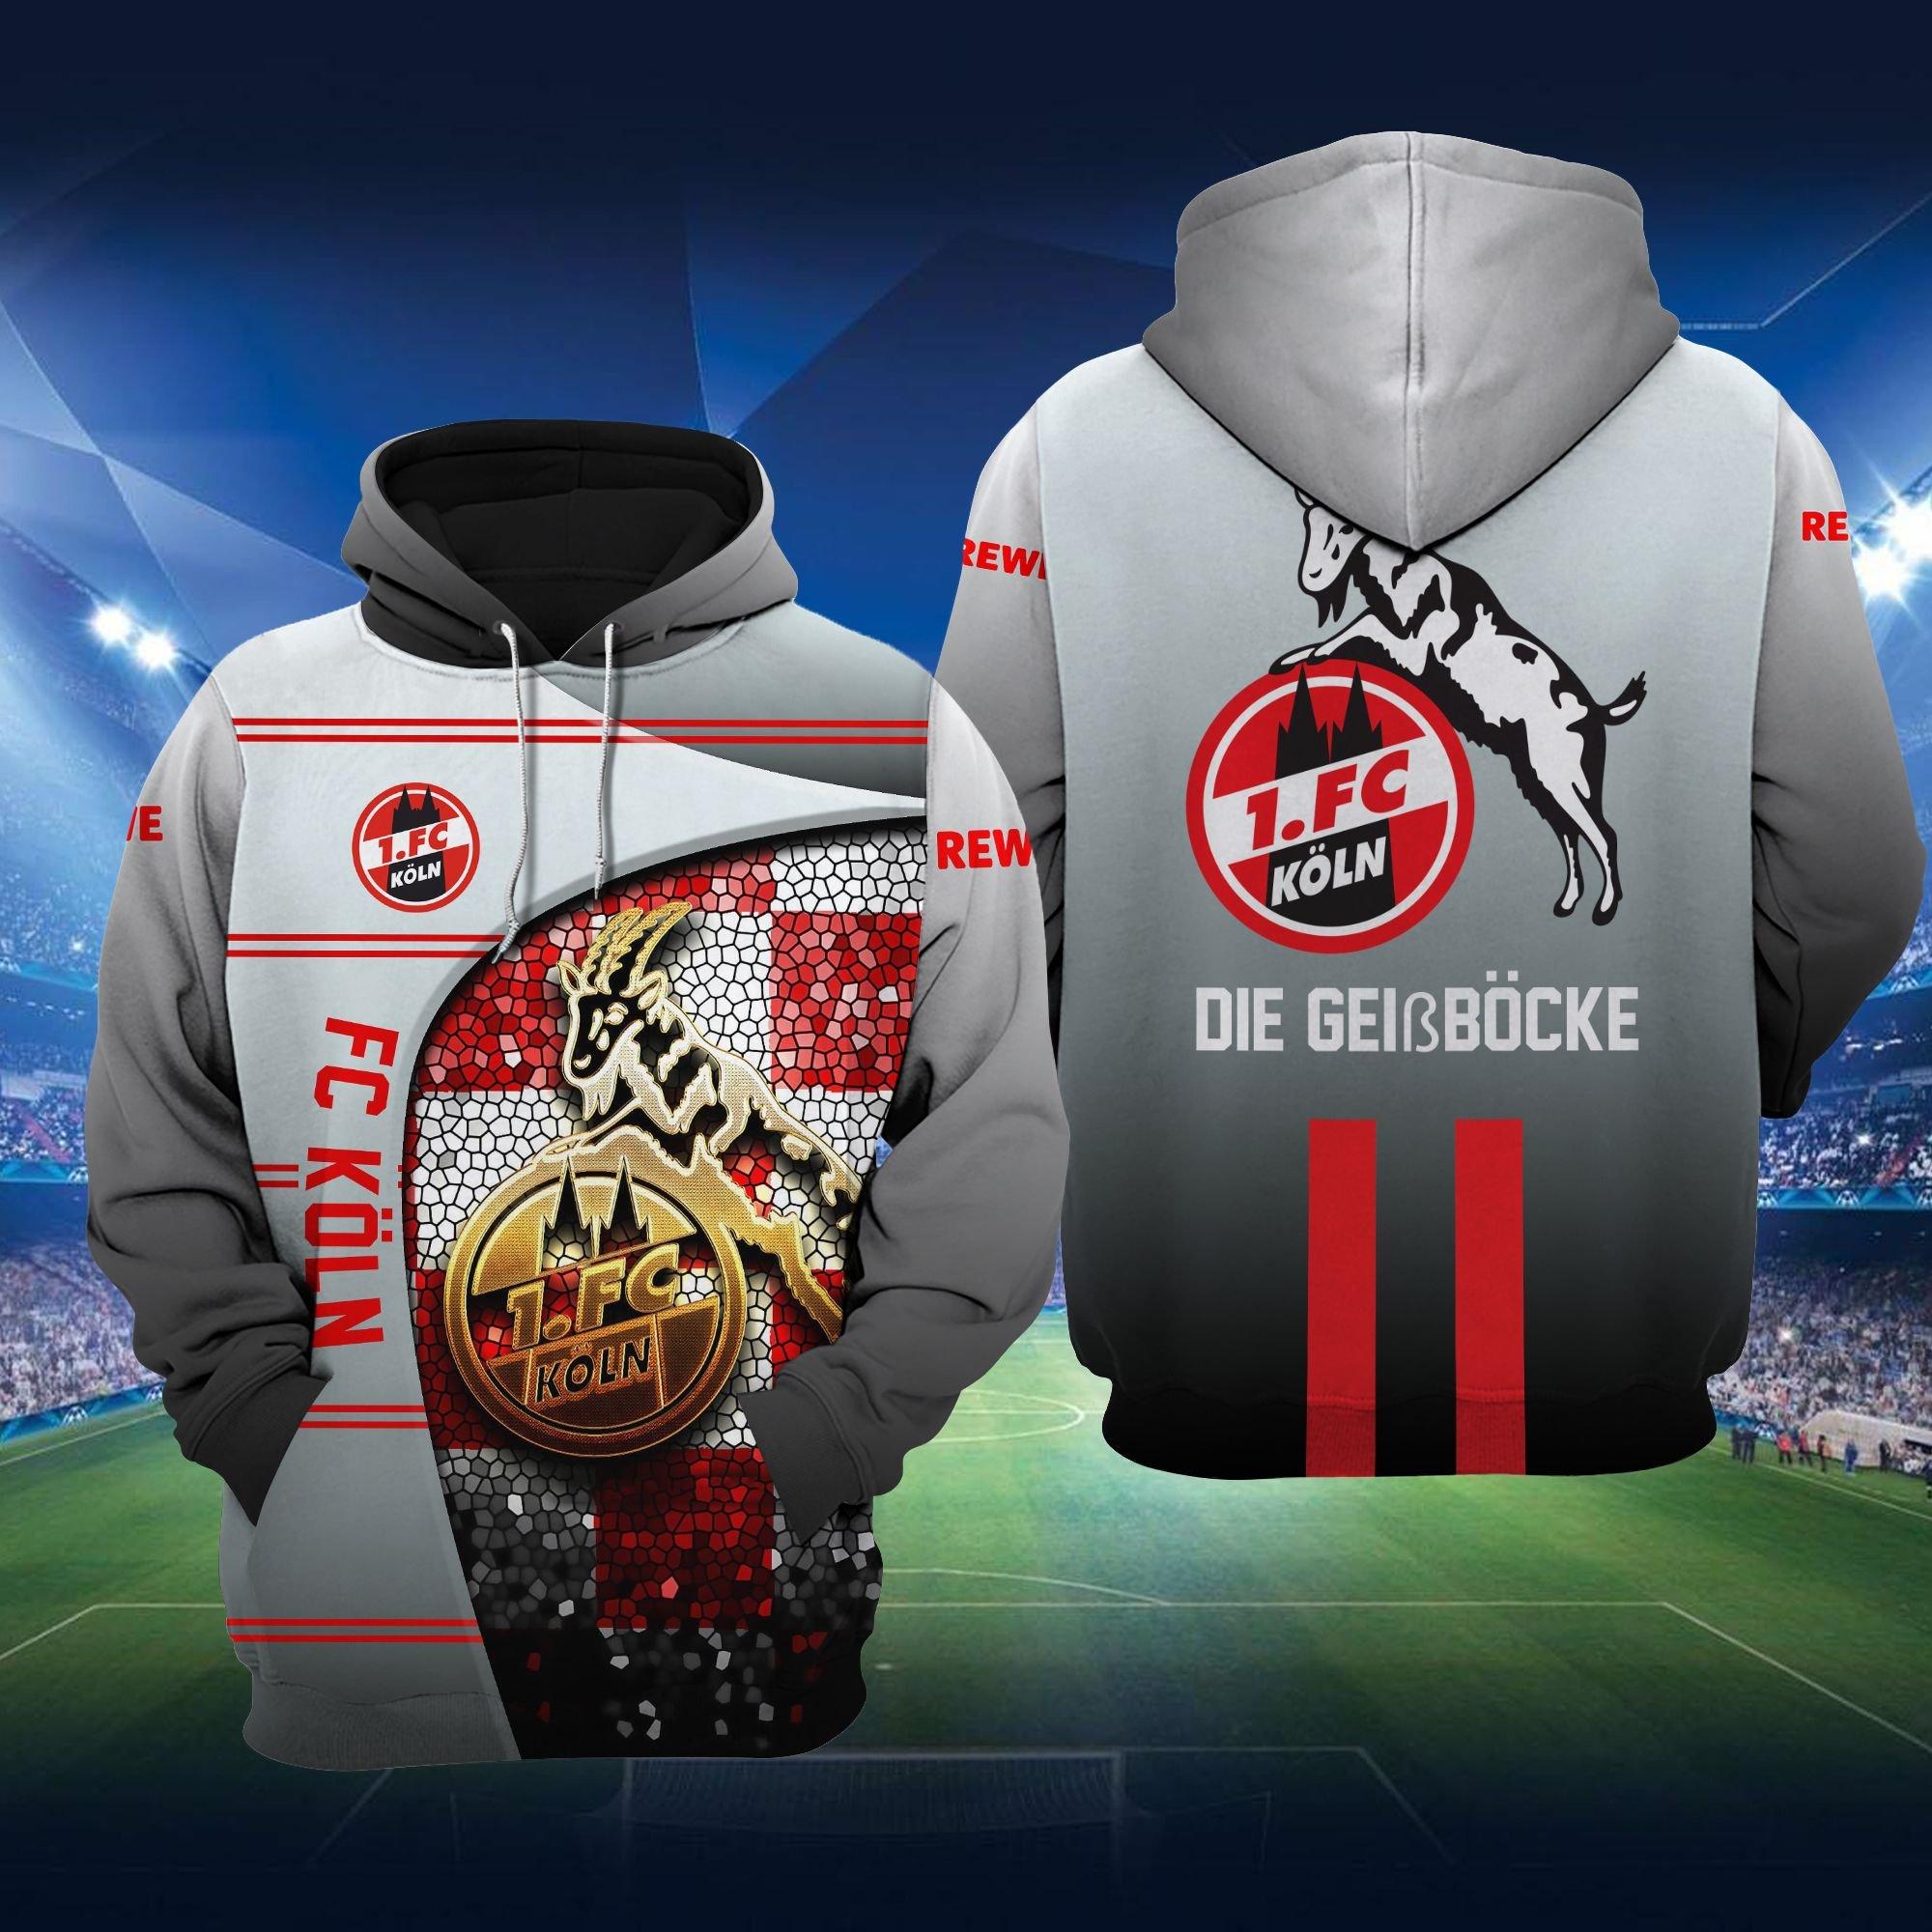 FC Koln Die GeiBbocke Grey Hoodie 3D